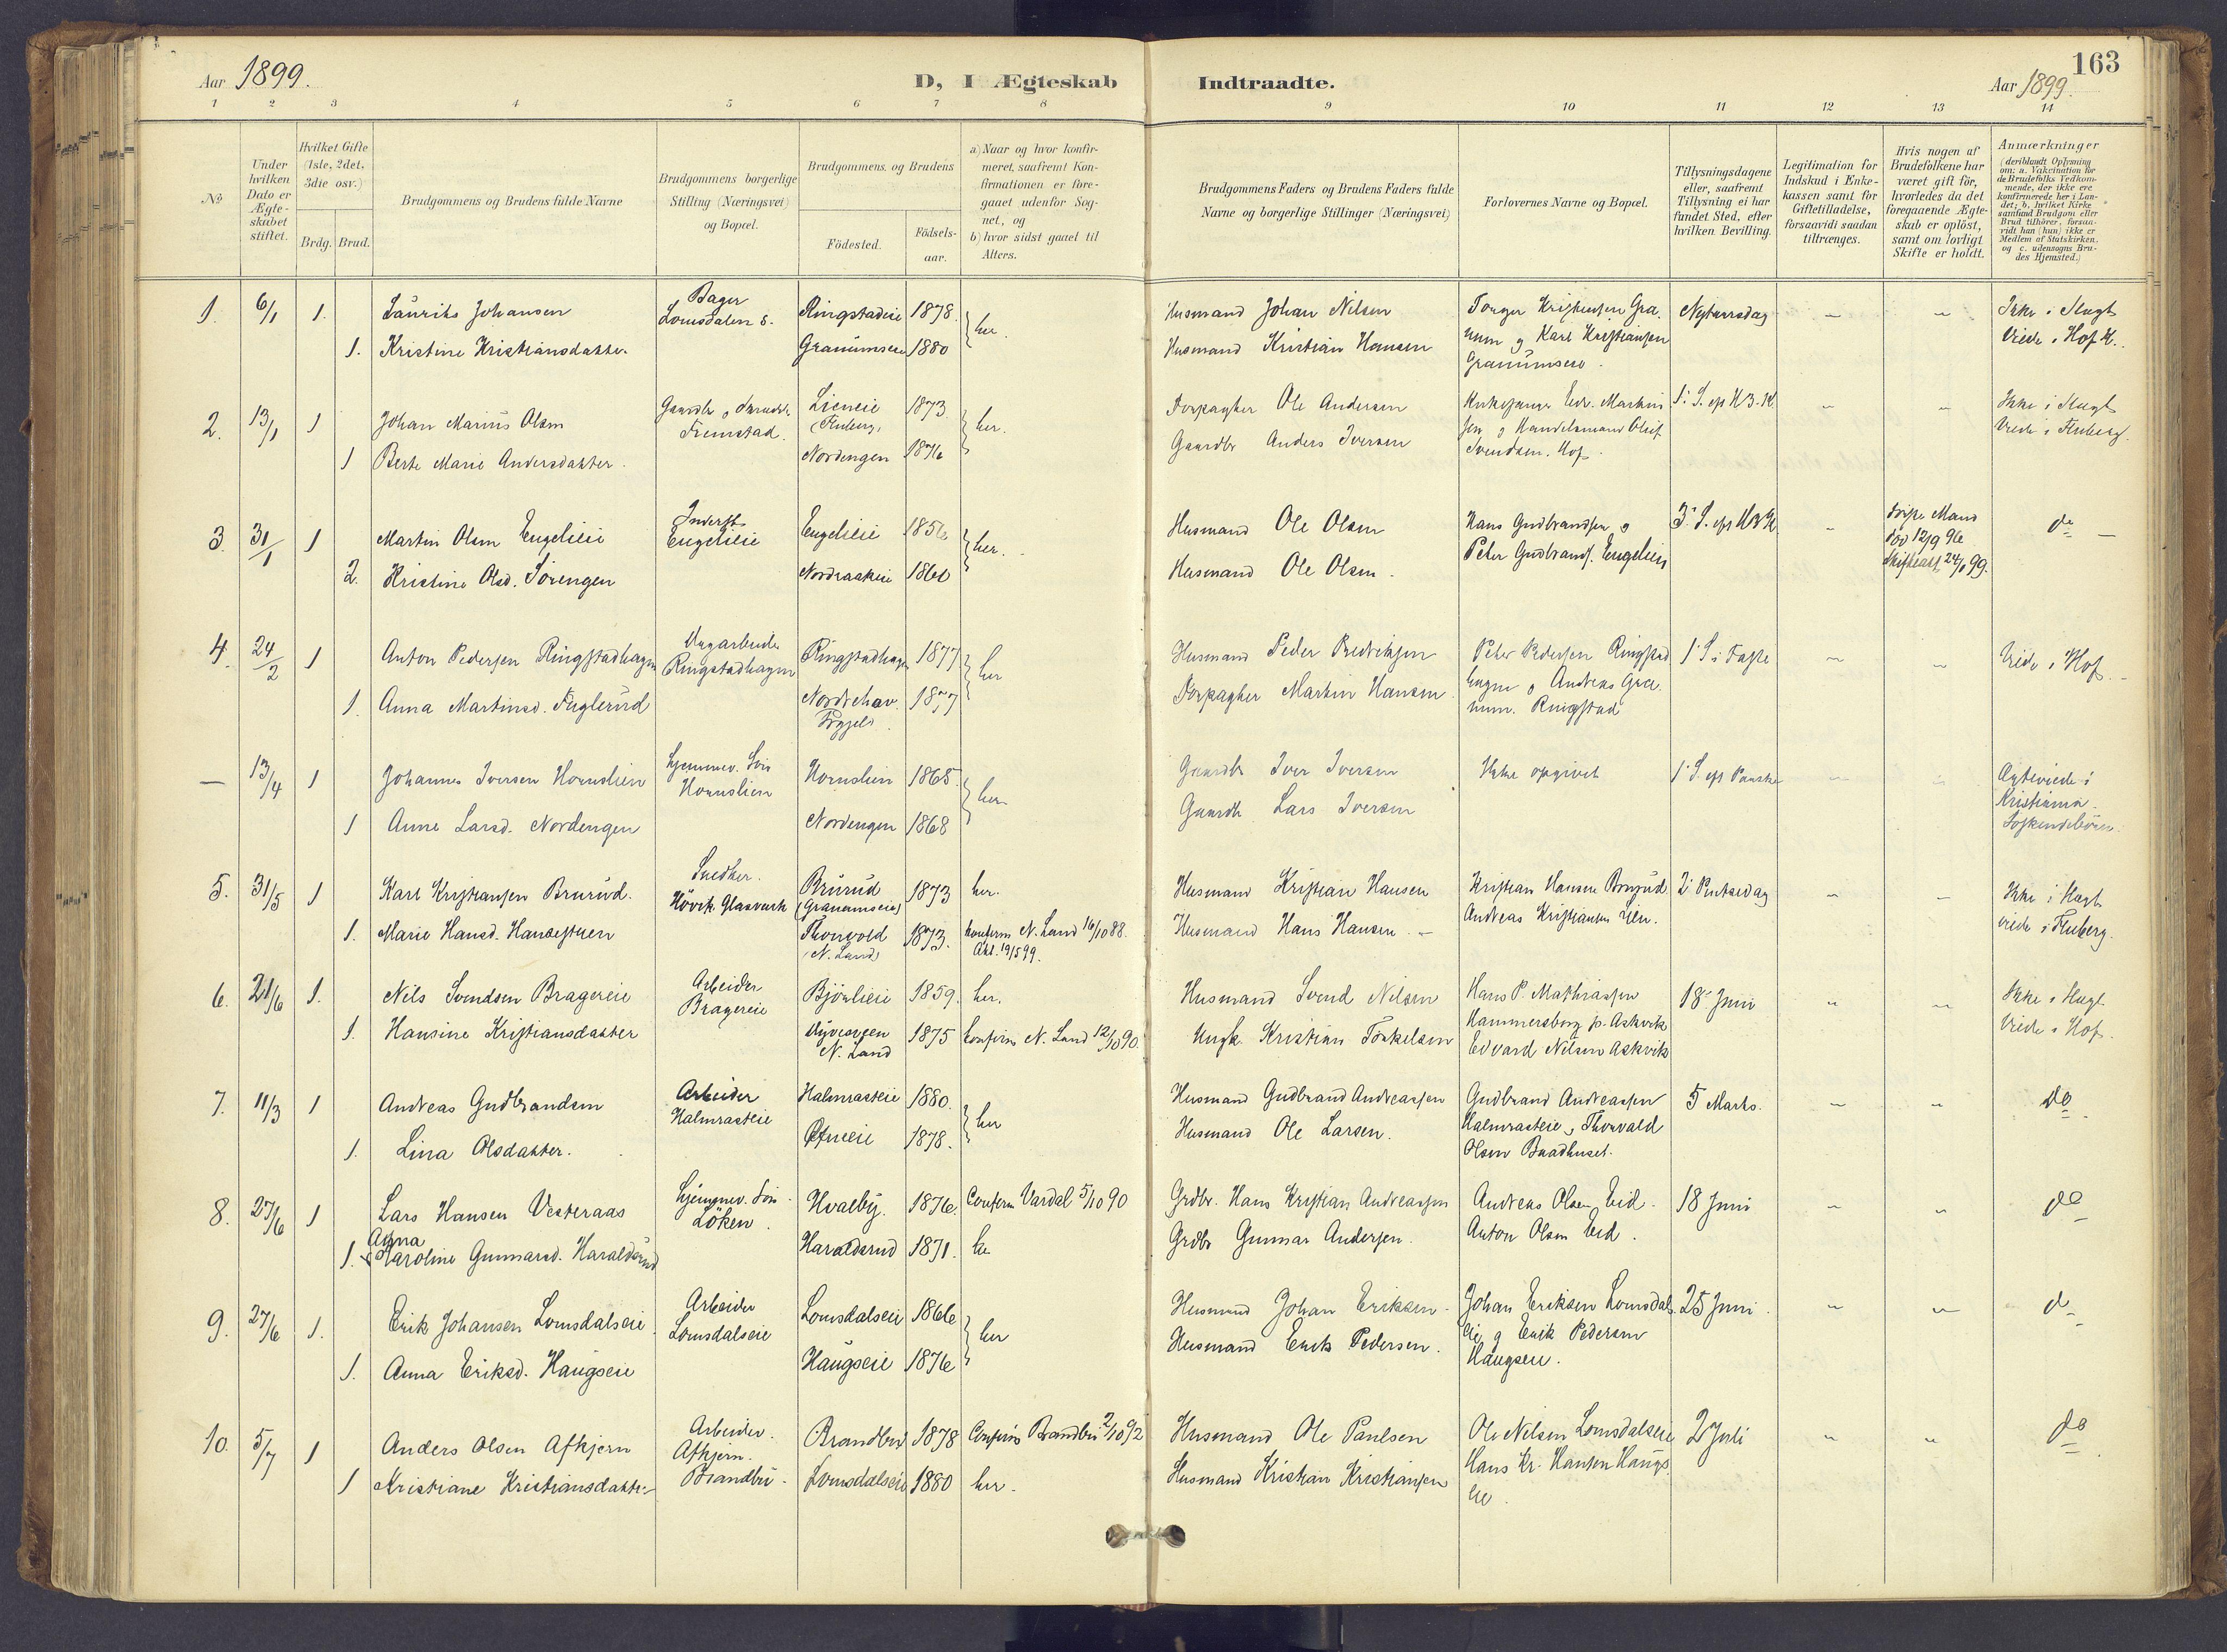 SAH, Søndre Land prestekontor, K/L0006: Ministerialbok nr. 6, 1895-1904, s. 163